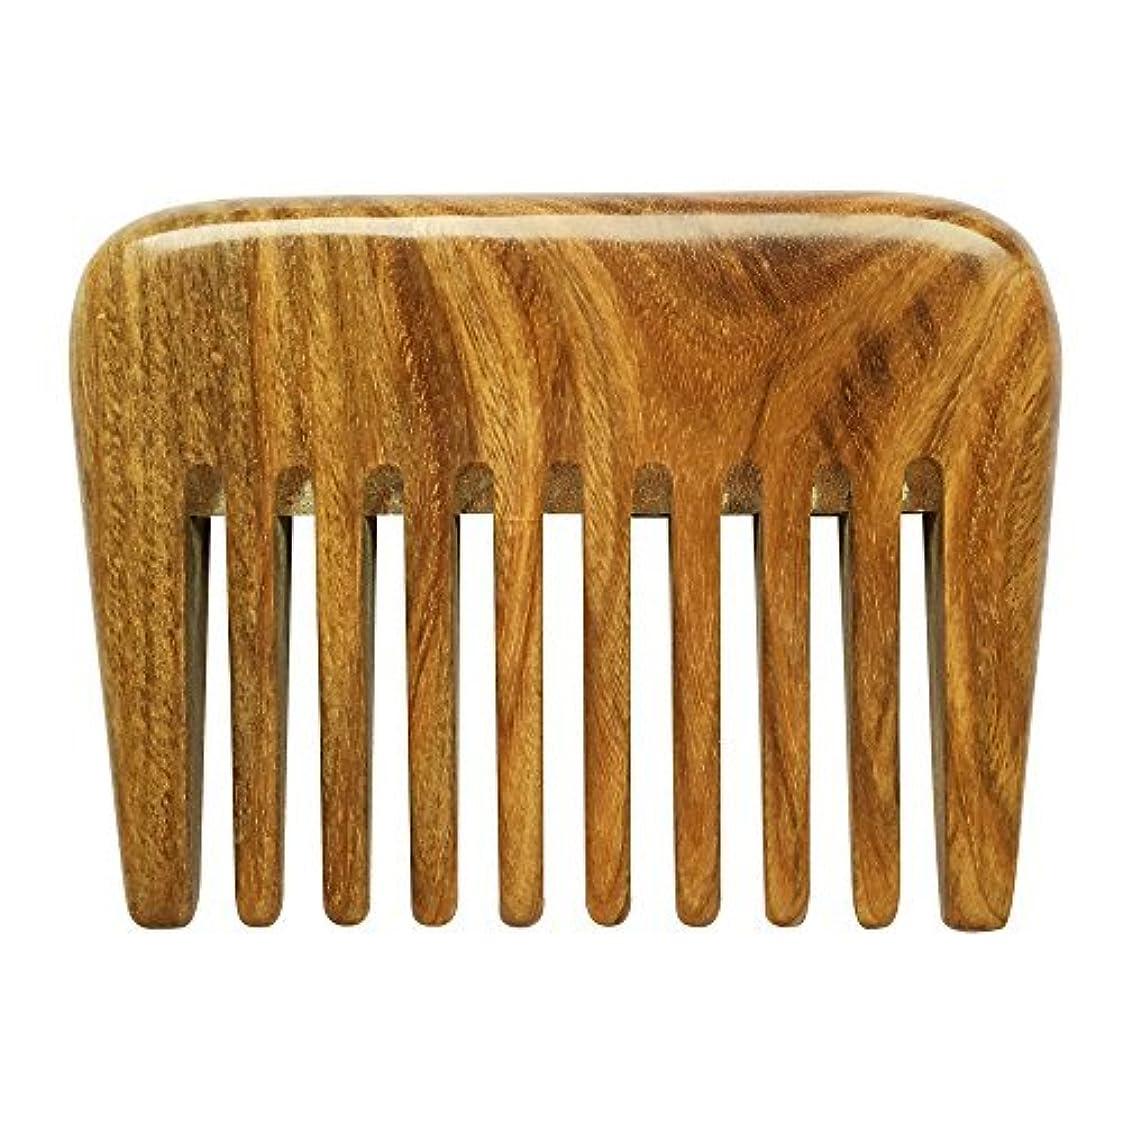 期待インキュバスデイジーBeneAlways Portable Hair & Beard Comb/Pick ? Made From One Whole Piece of Natural Green Sandalwood with Fragrant...